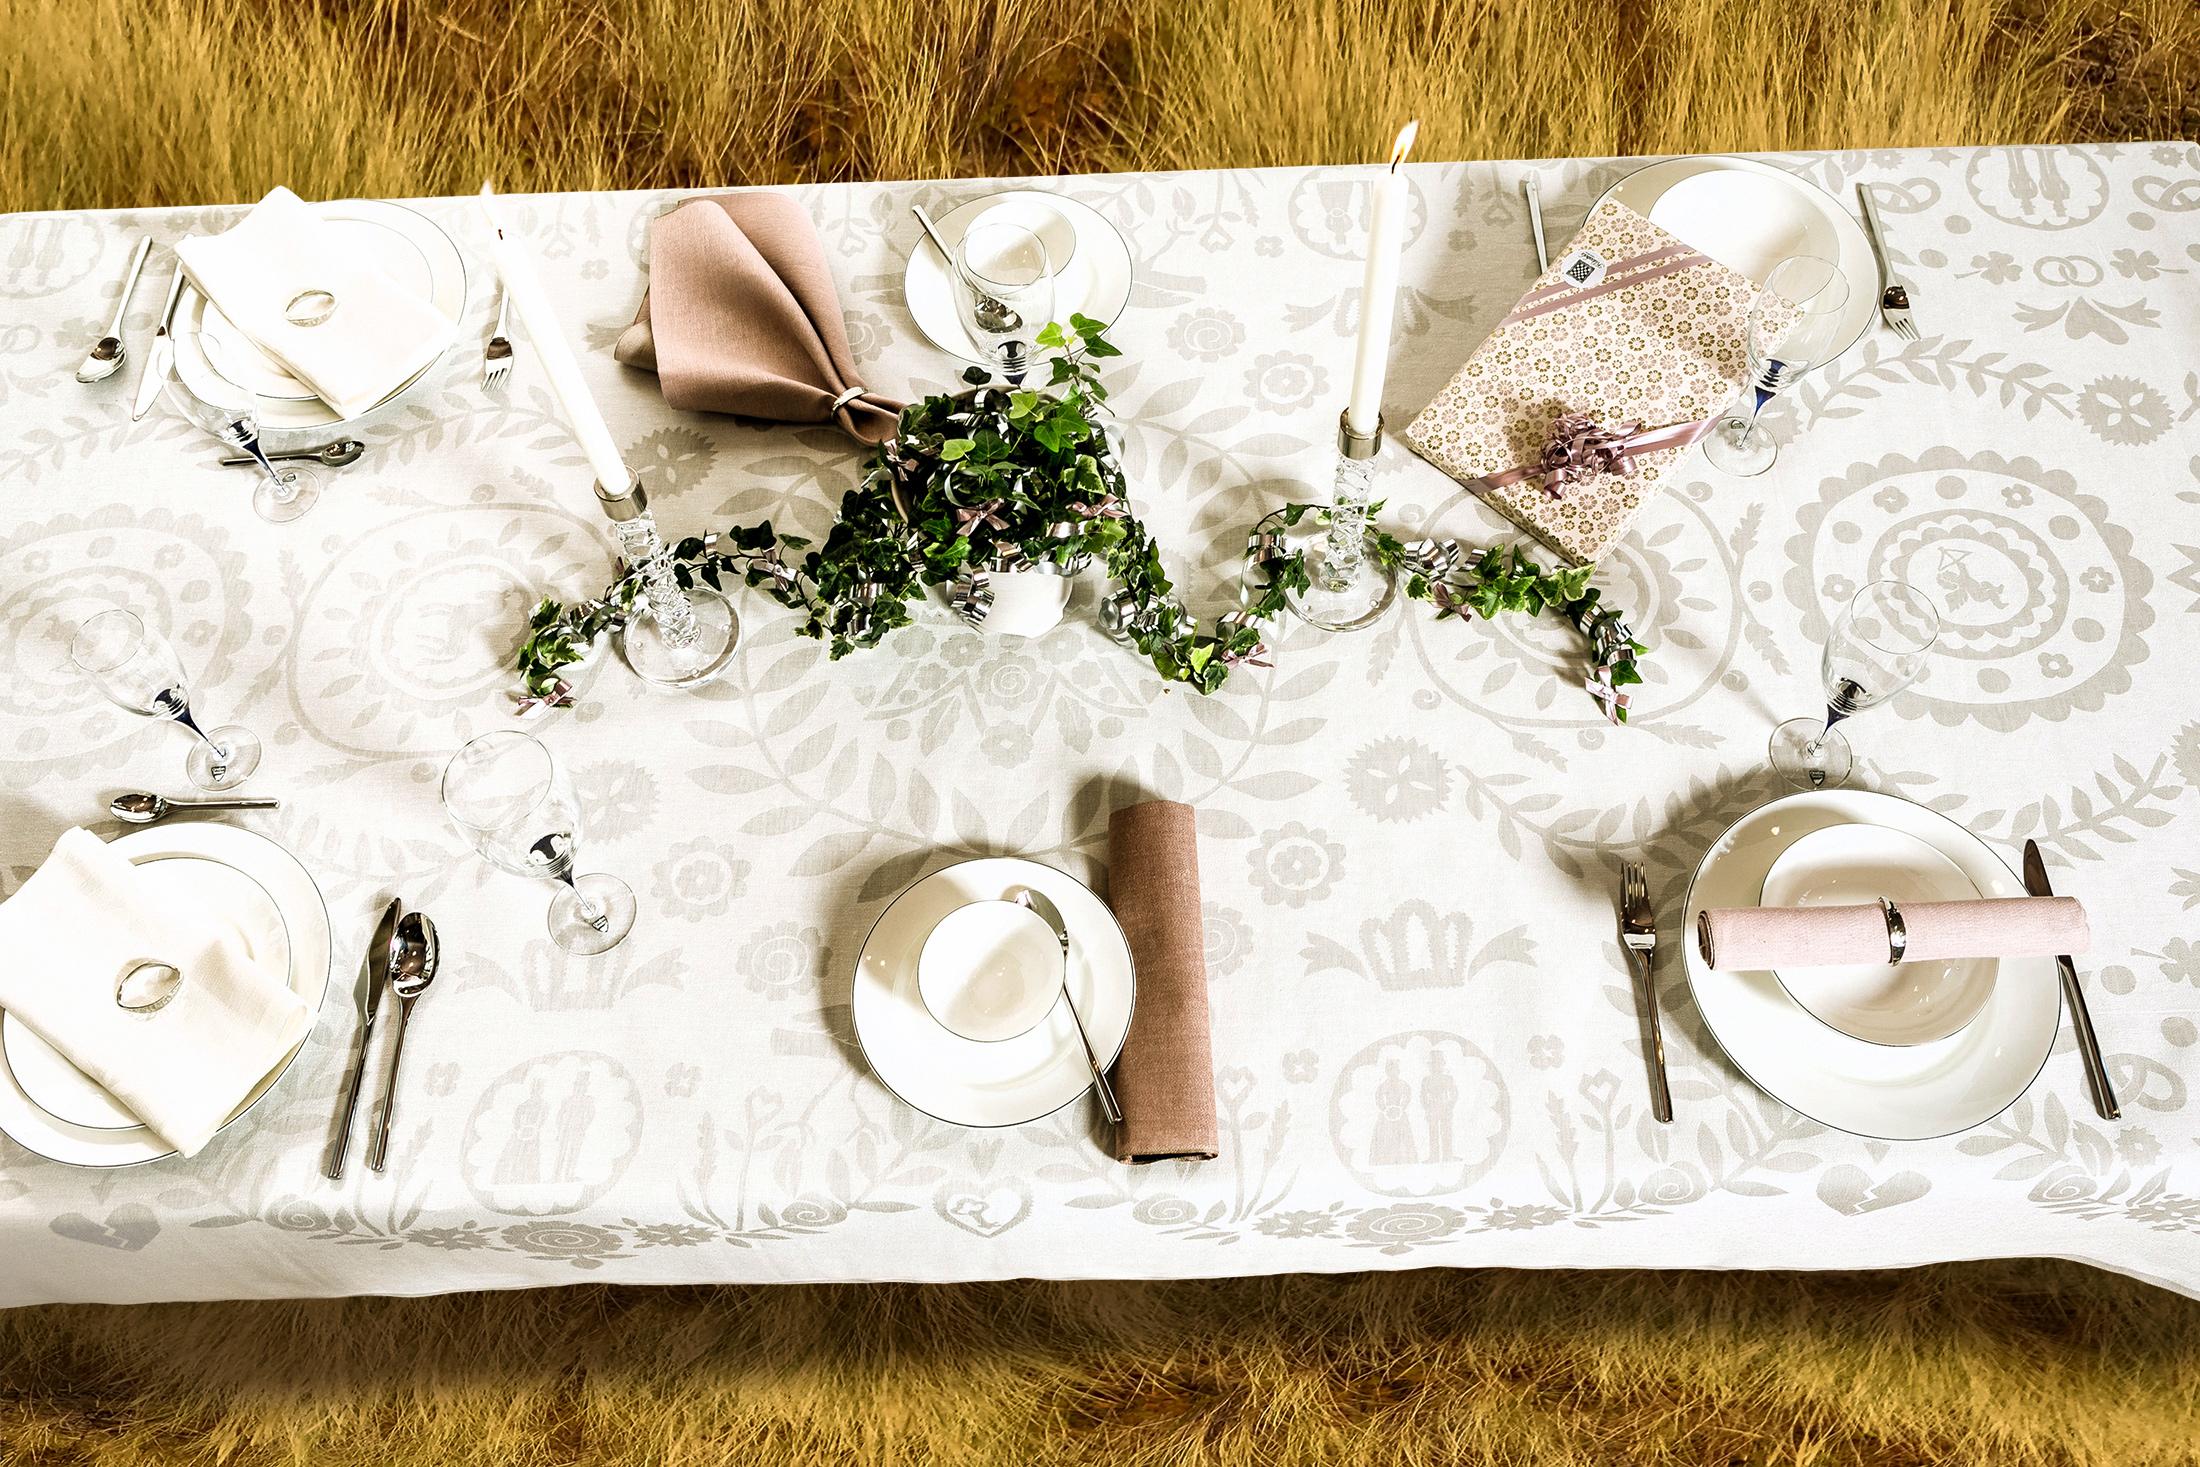 Bröllop i det fria. Krans & Krona linneduk ovanifrån